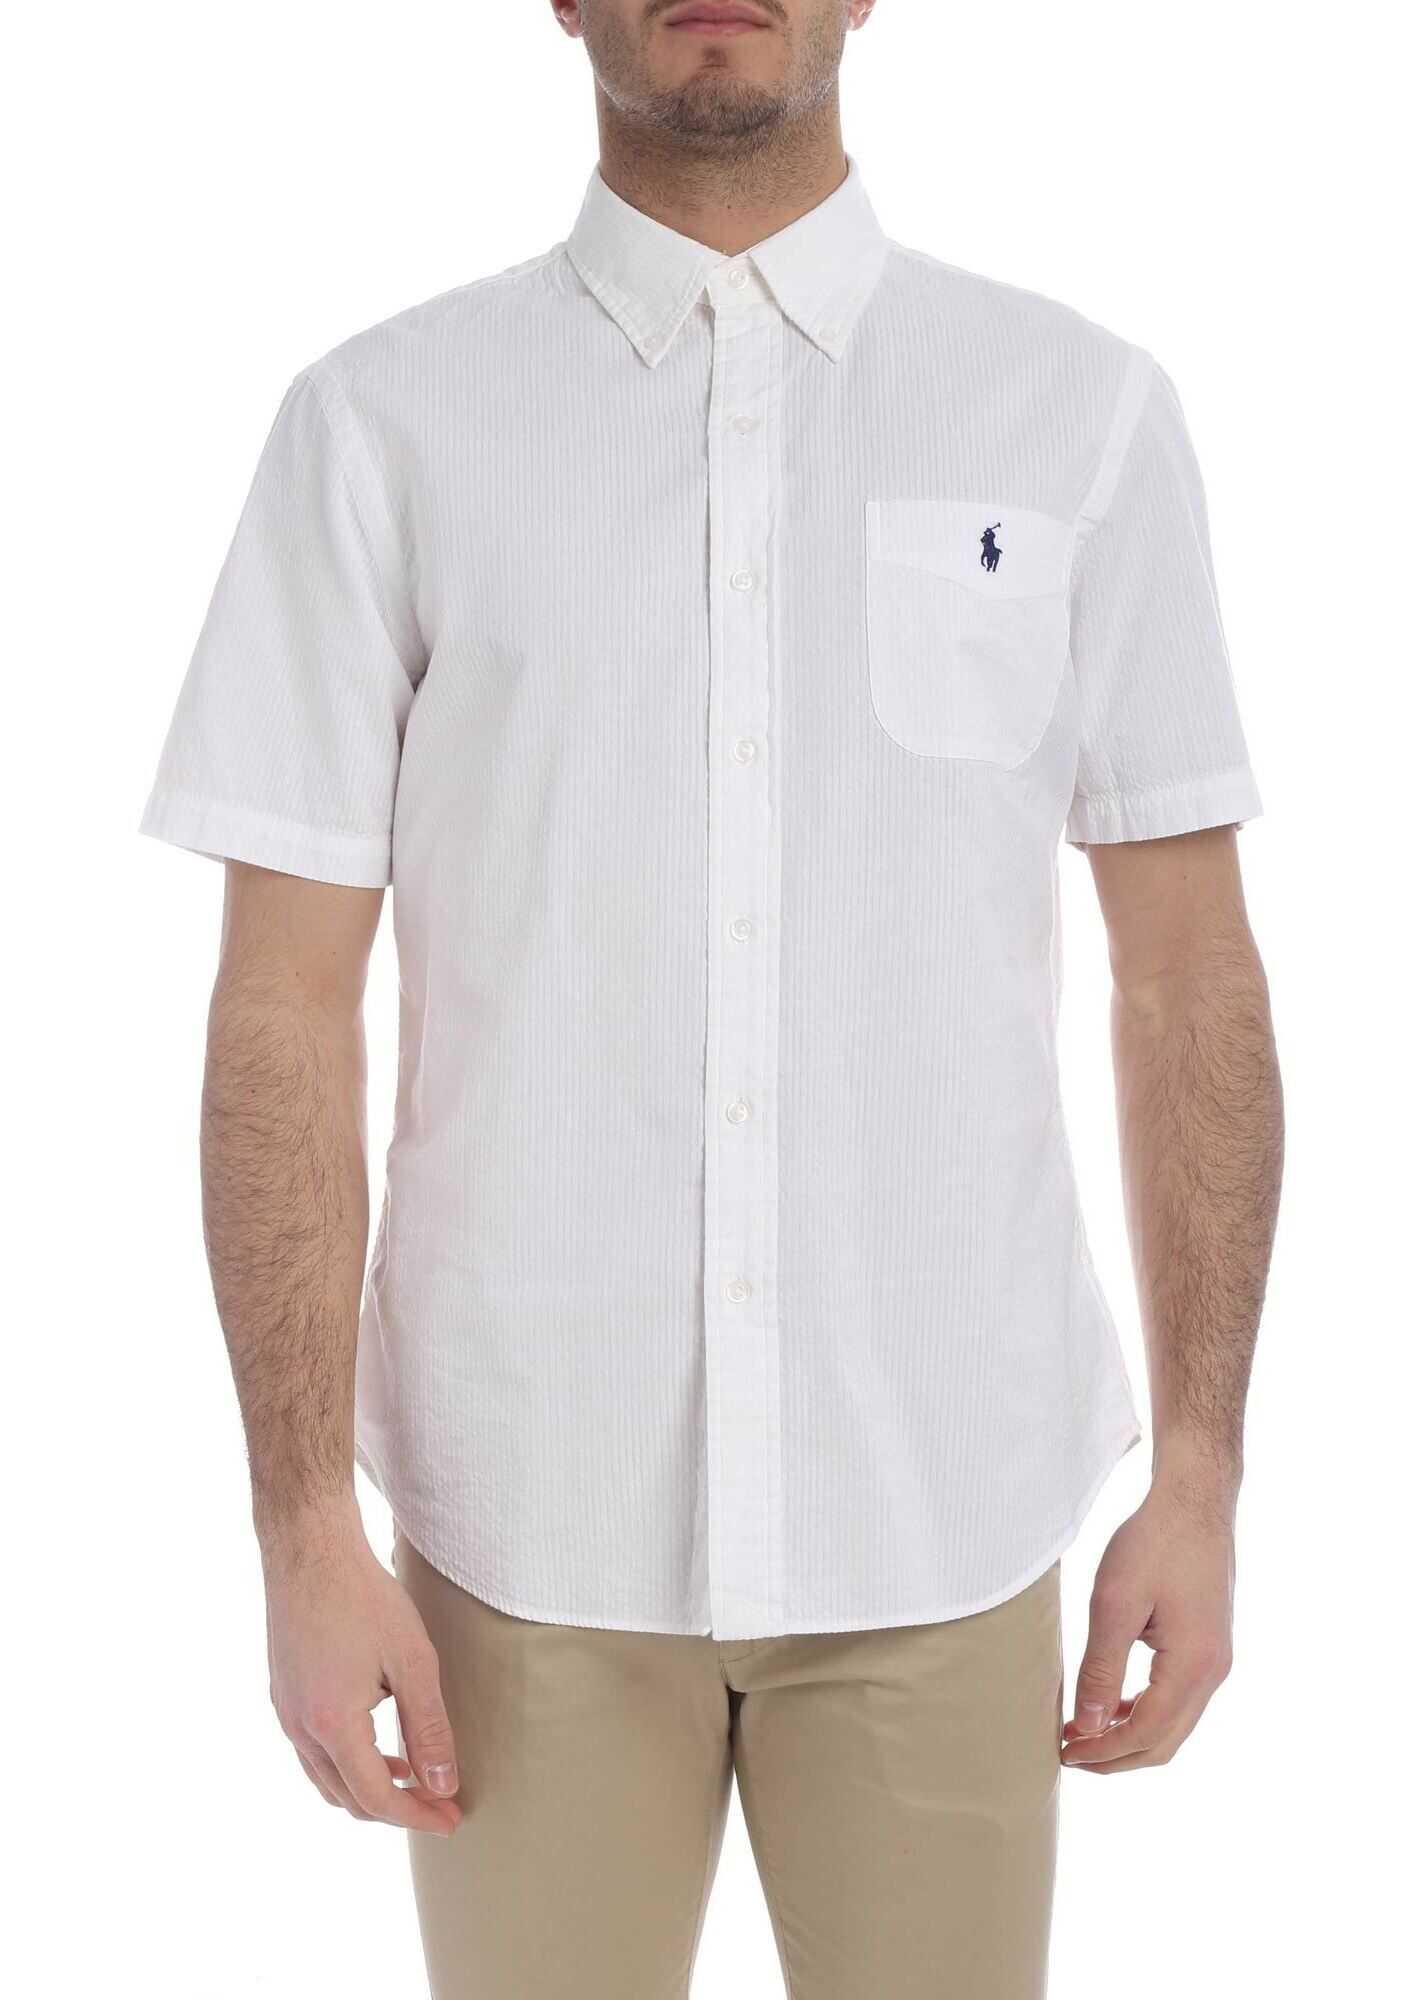 Ralph Lauren Short Sleeve Striped Shirt In White White imagine